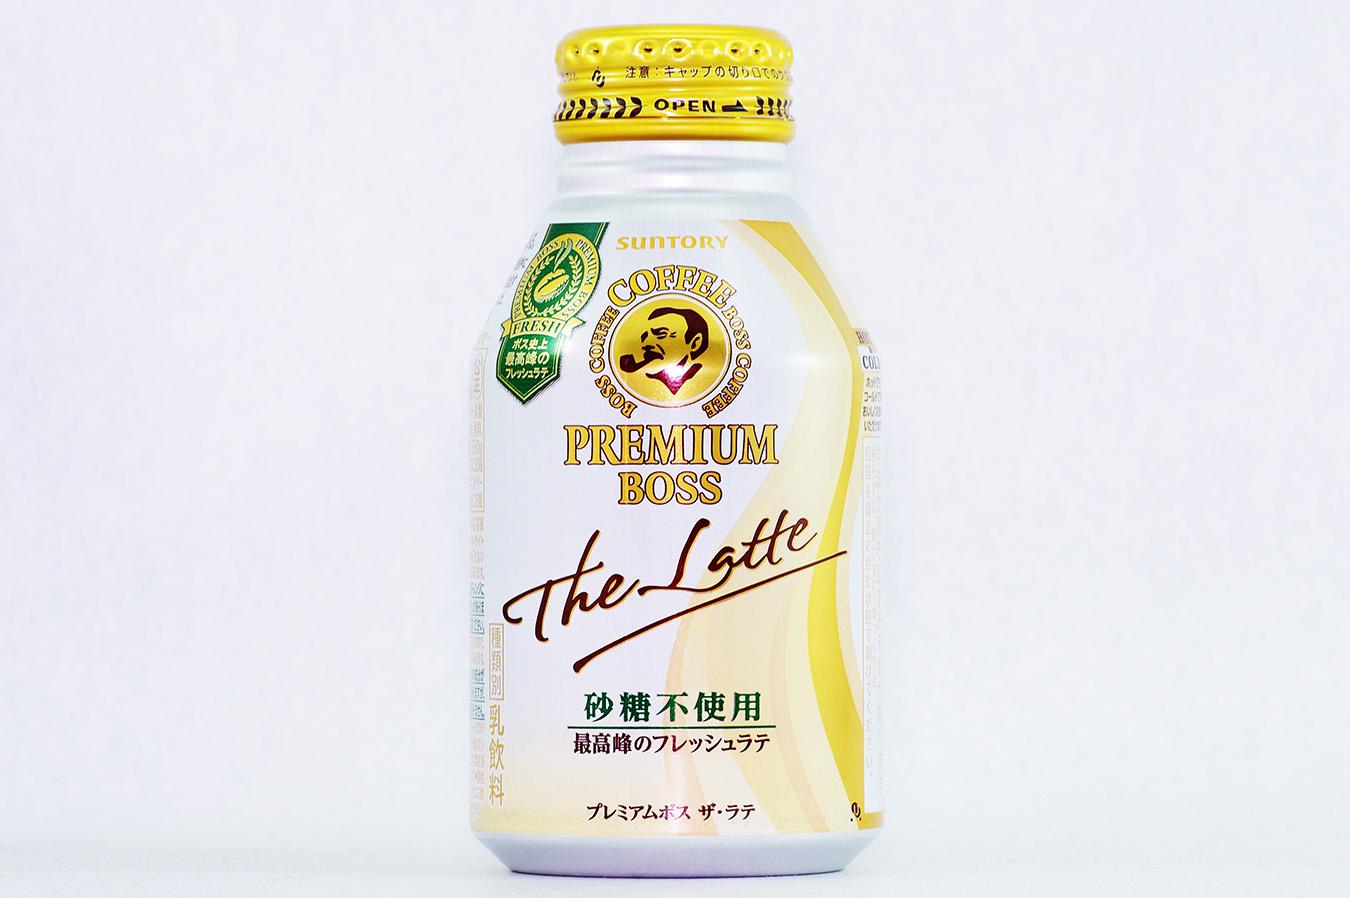 プレミアムボス ザ・ラテ<砂糖不使用>(サントリープロダクツ製) 2016年9月